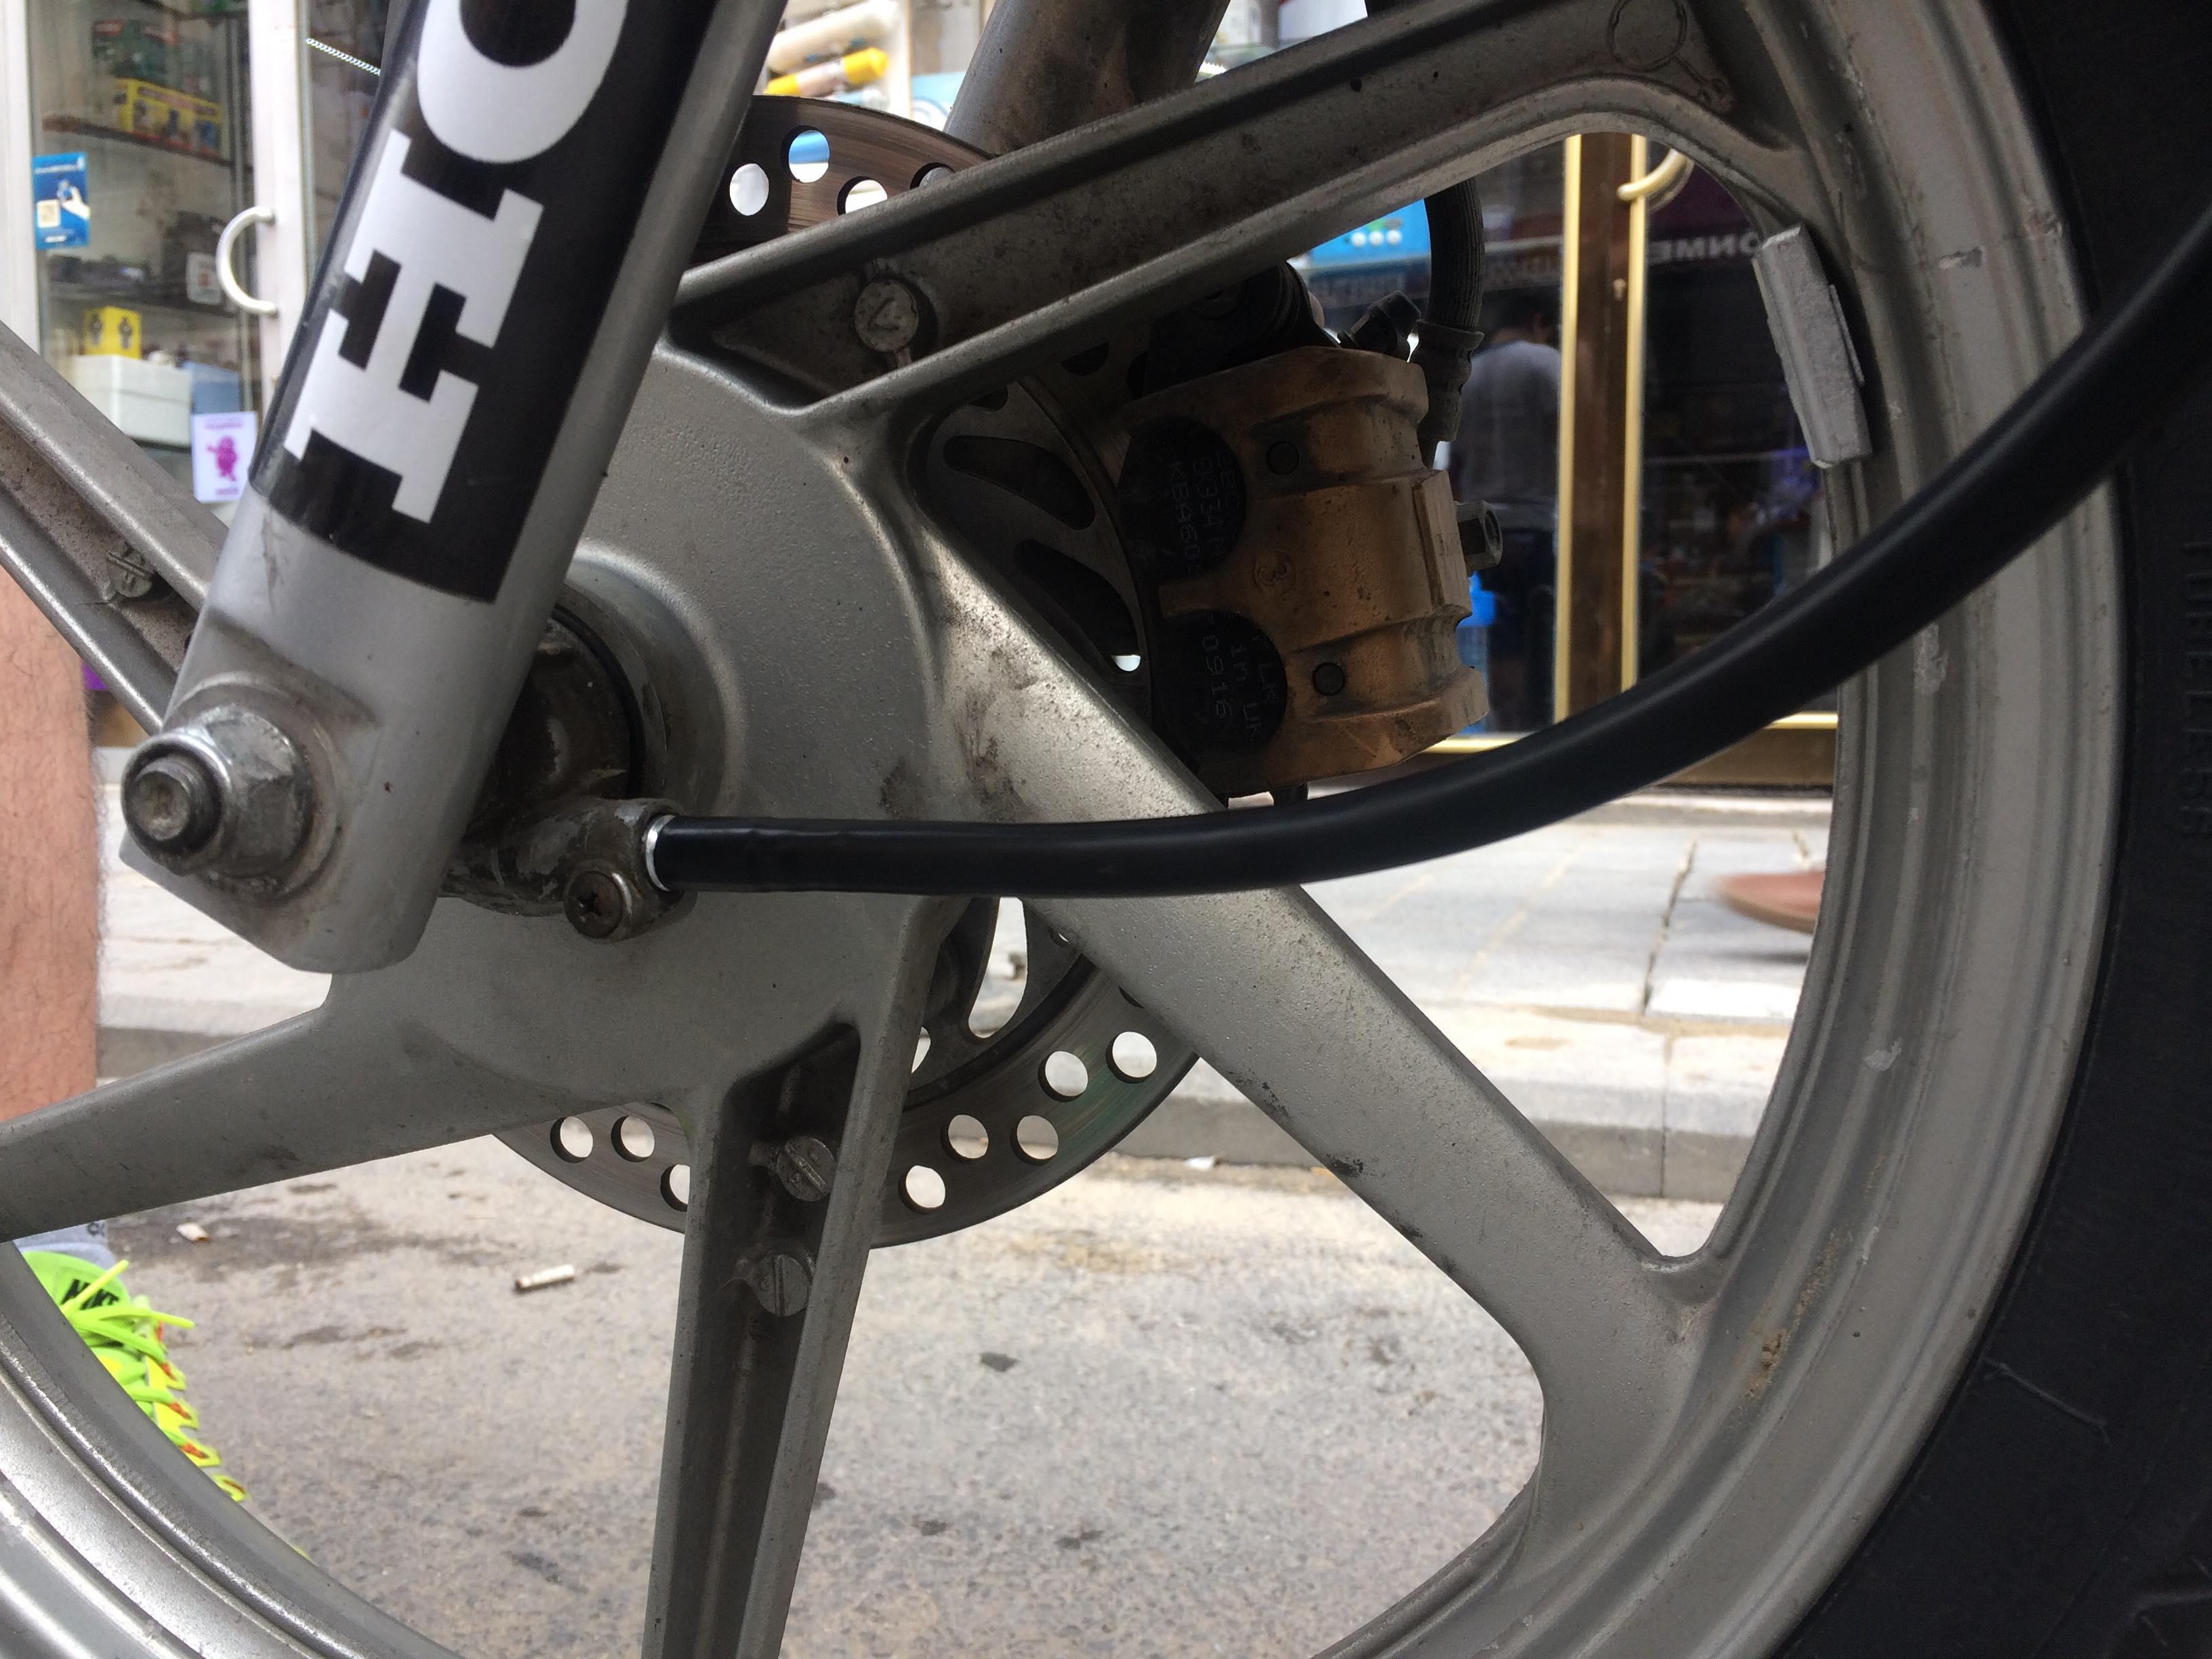 Honda cbf 150 kilometre teli nasıl değiştirilir maliyeti nedir